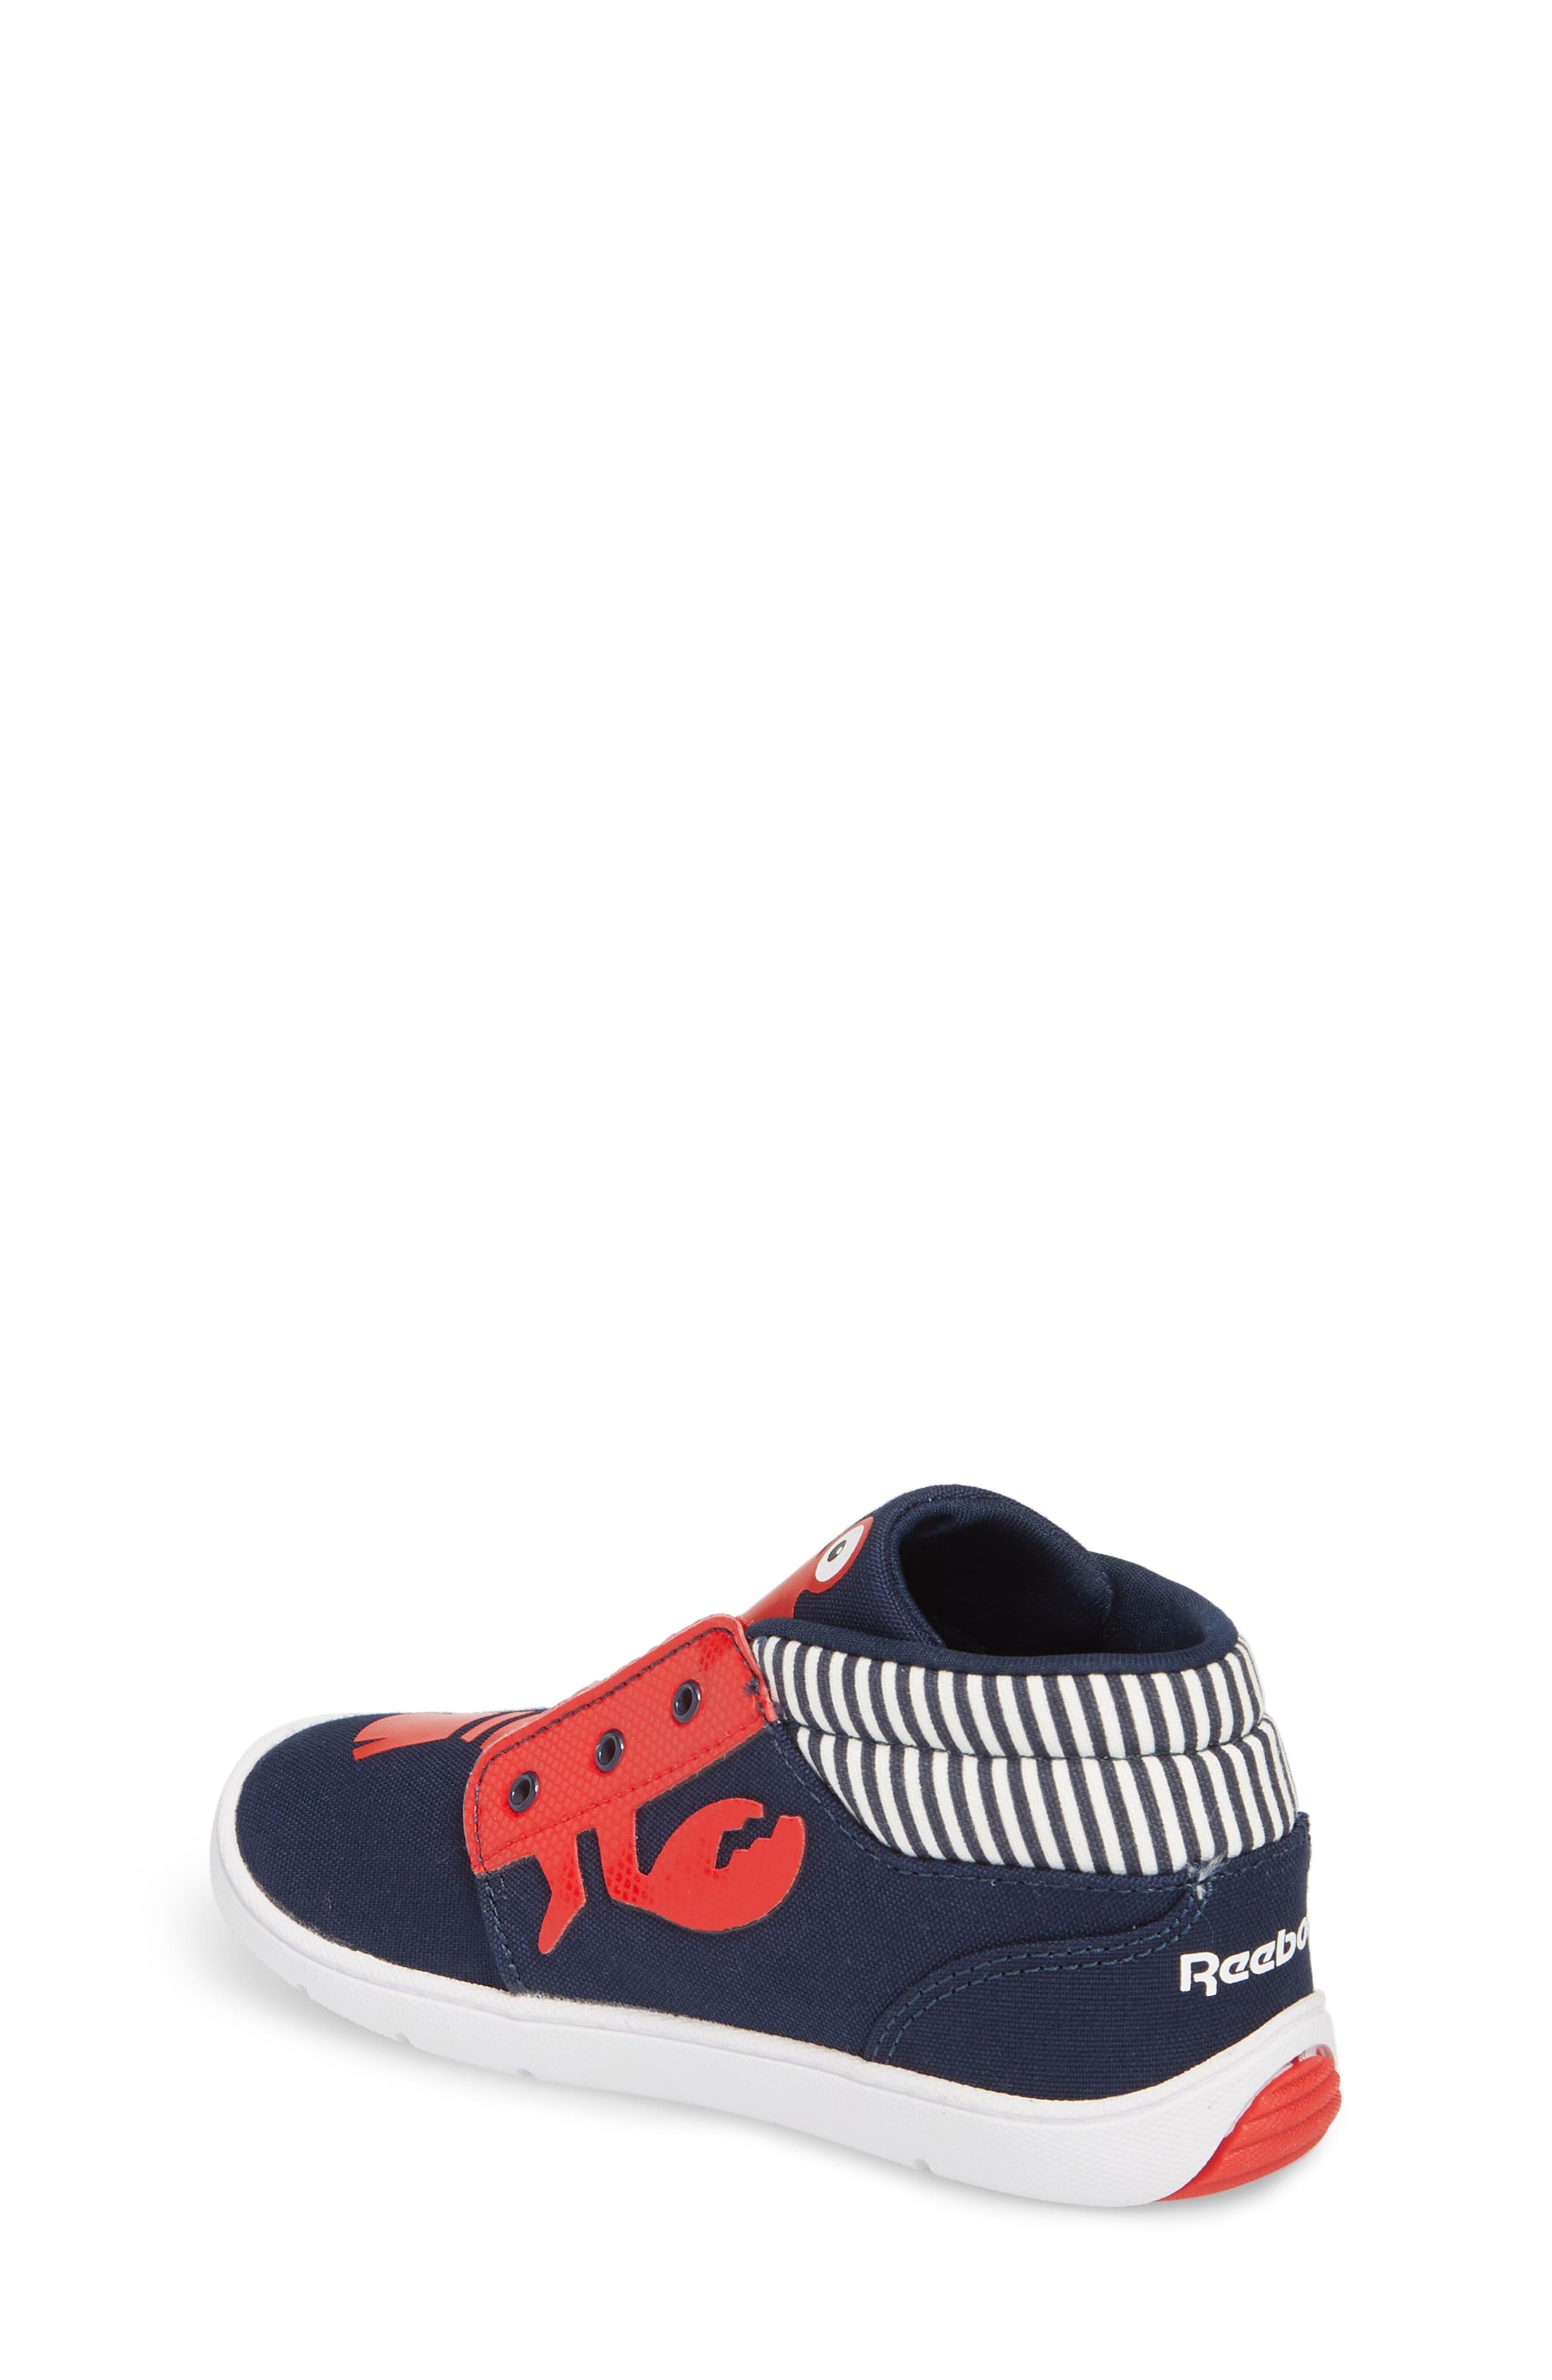 Ventureflex High Top Critter Sneaker,                             Alternate thumbnail 2, color,                             Blue